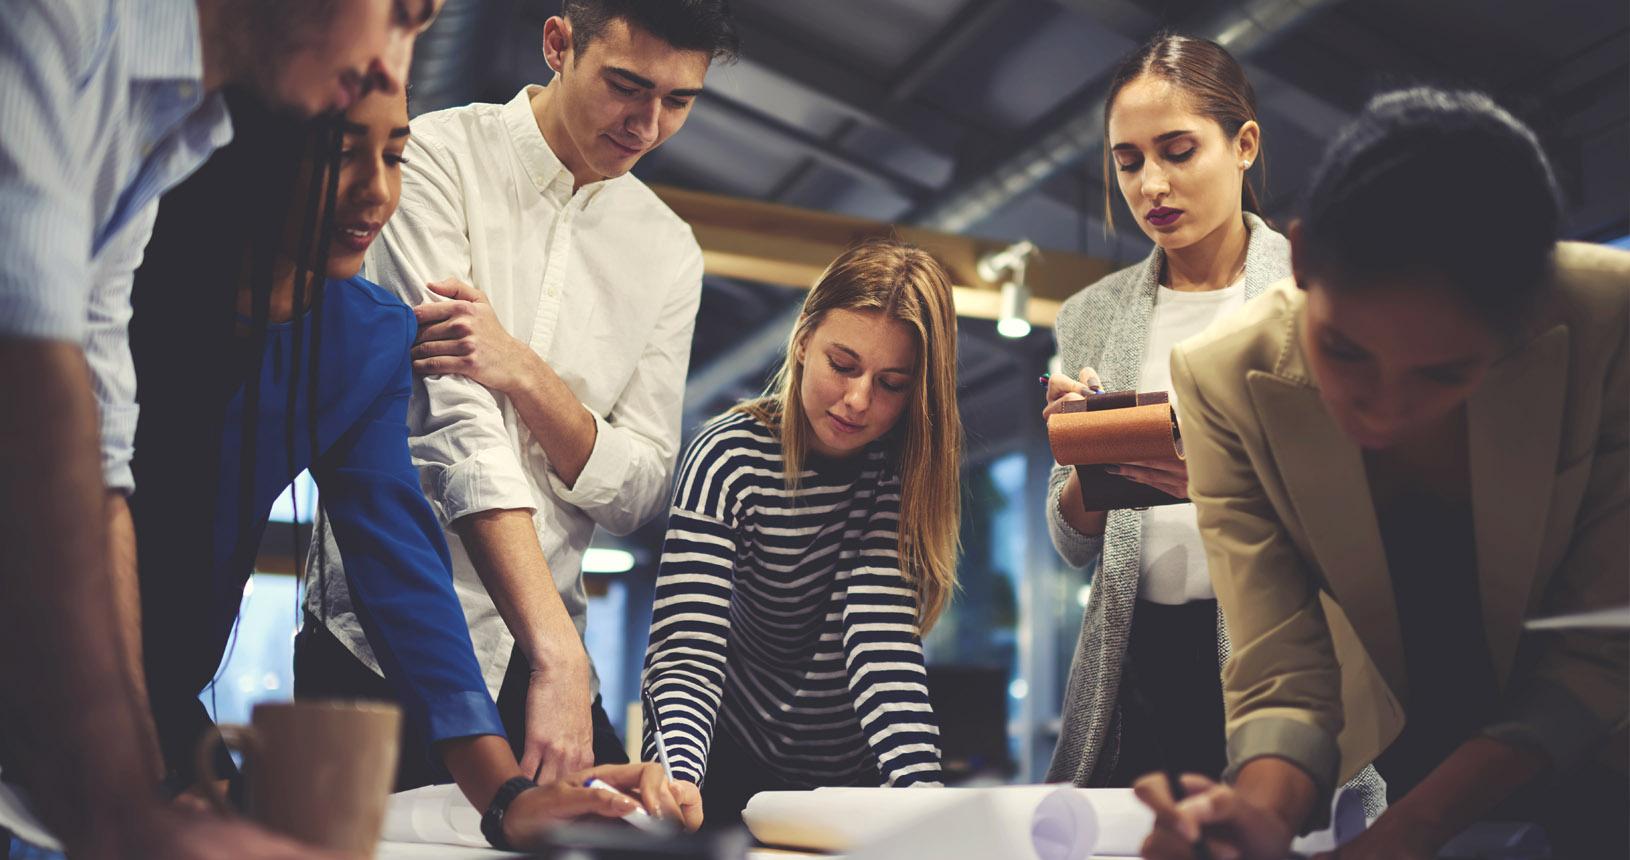 Imagen 3 en Cómo mejorar la productividad de tu equipo IT